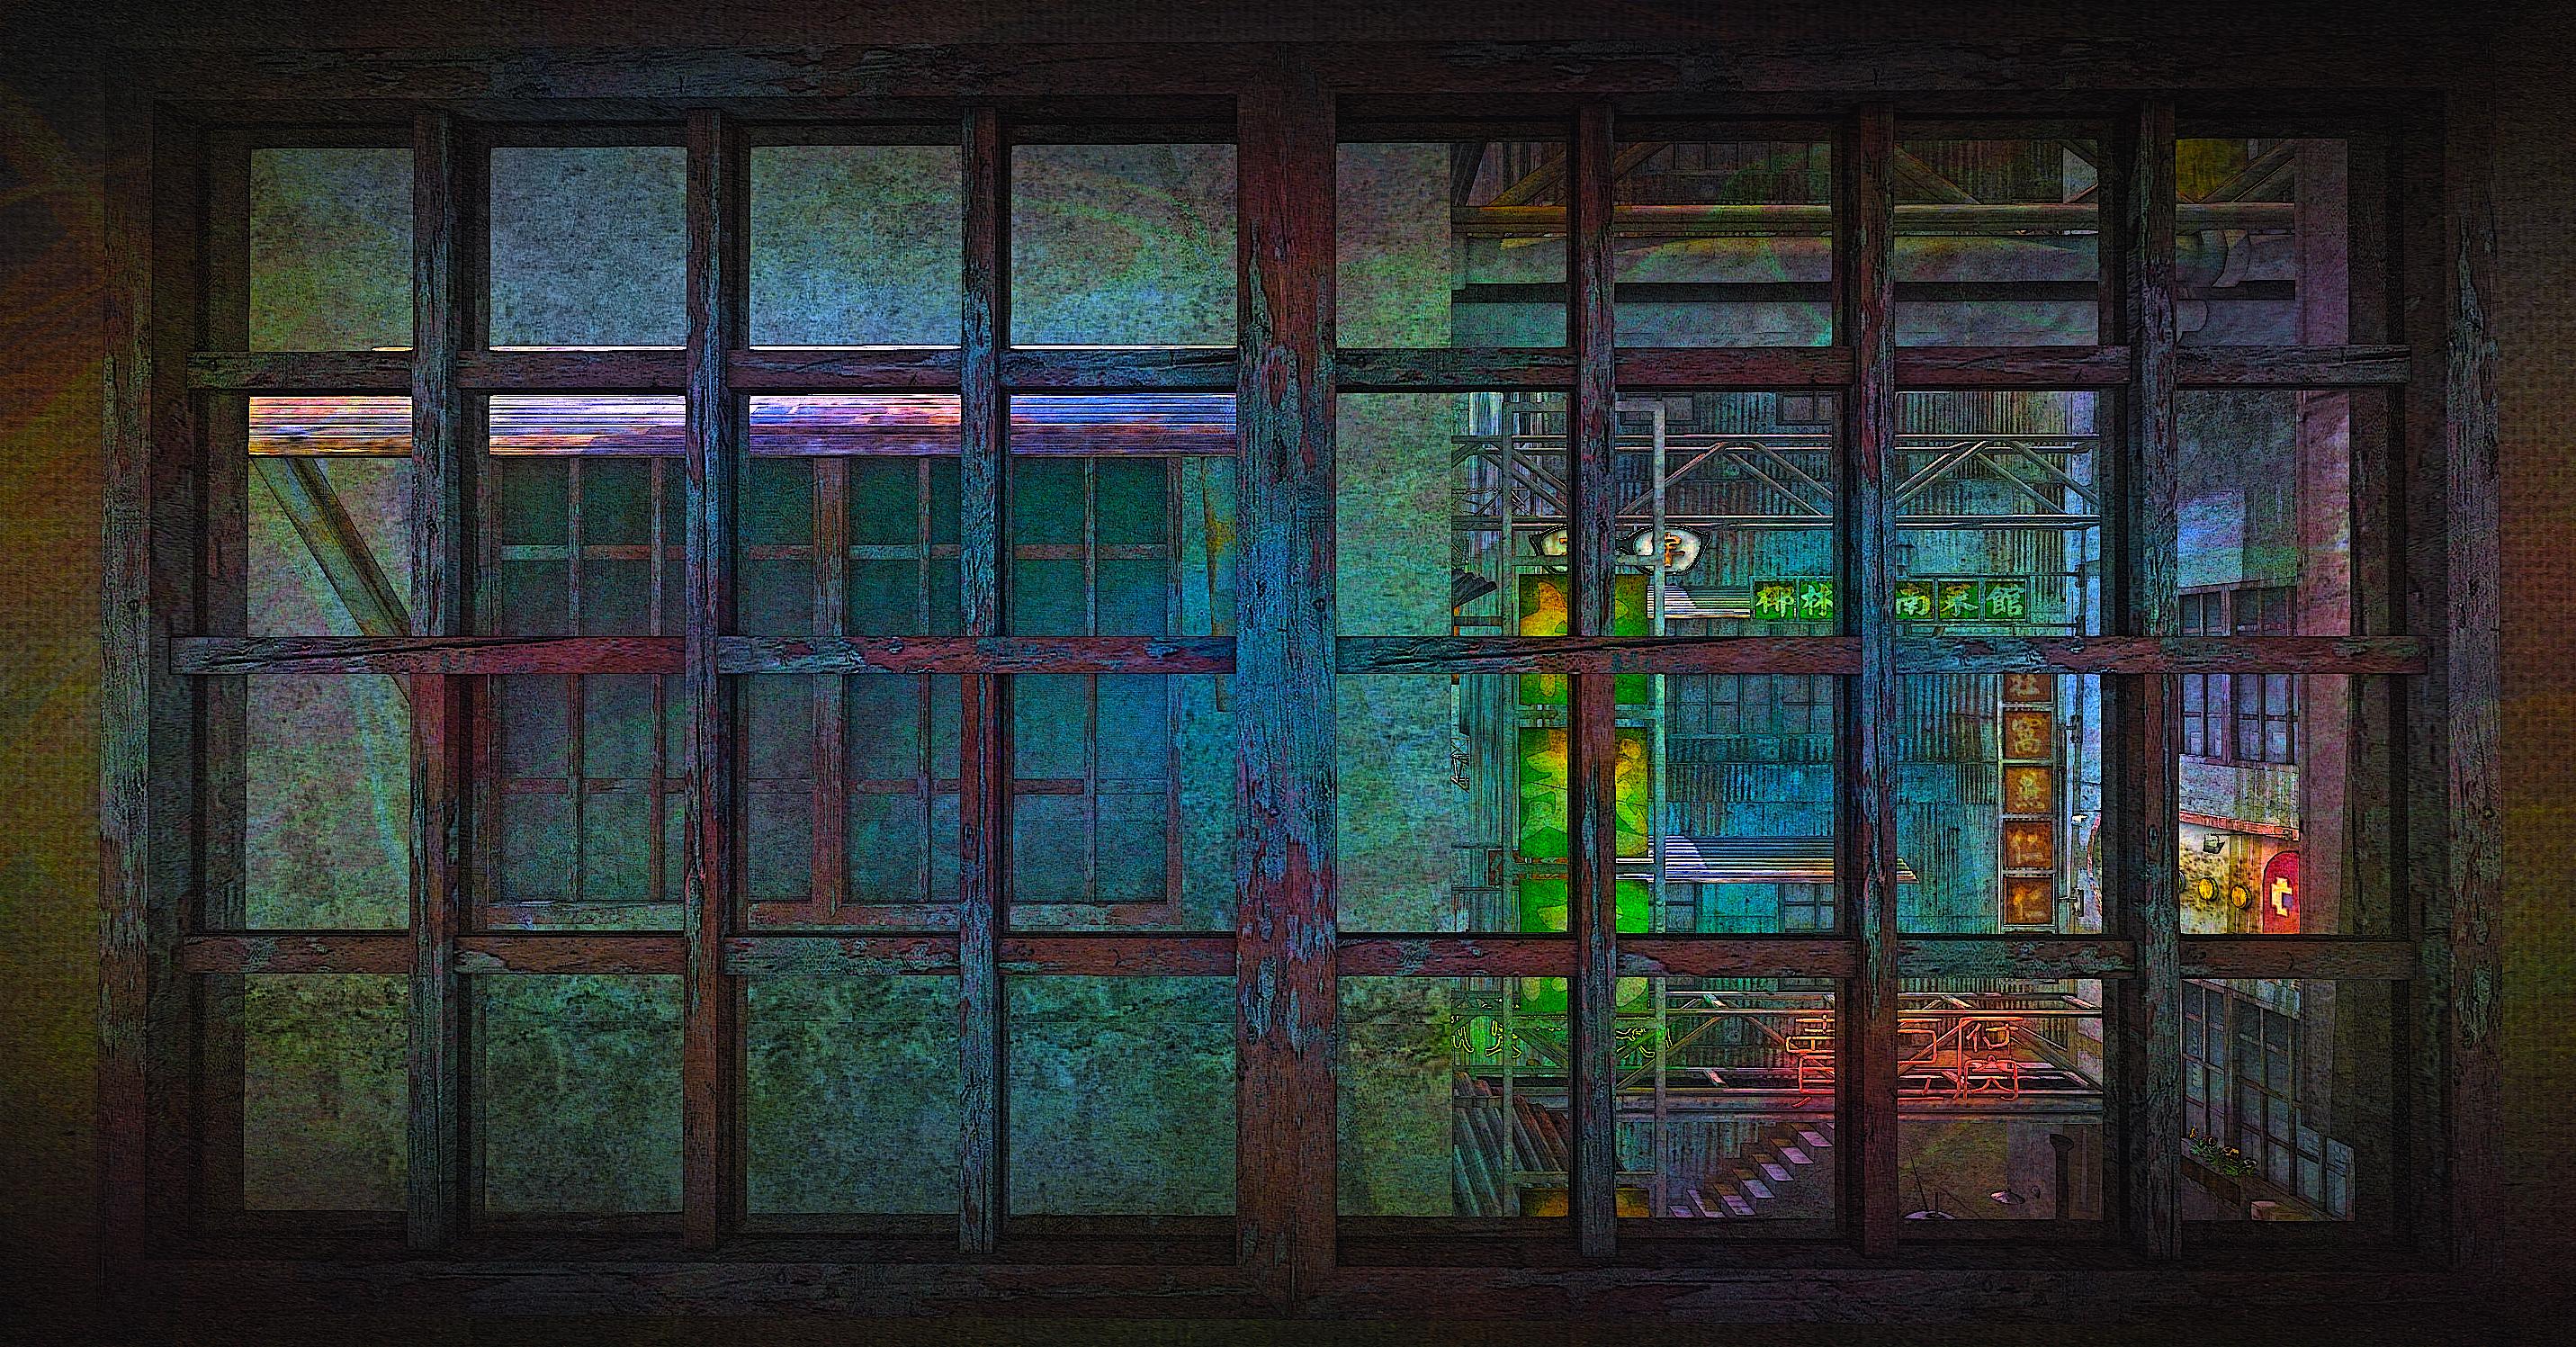 Innenarchitektur Geschichte hintergrundbilder malerei porträt fenster mauer kunstwerk